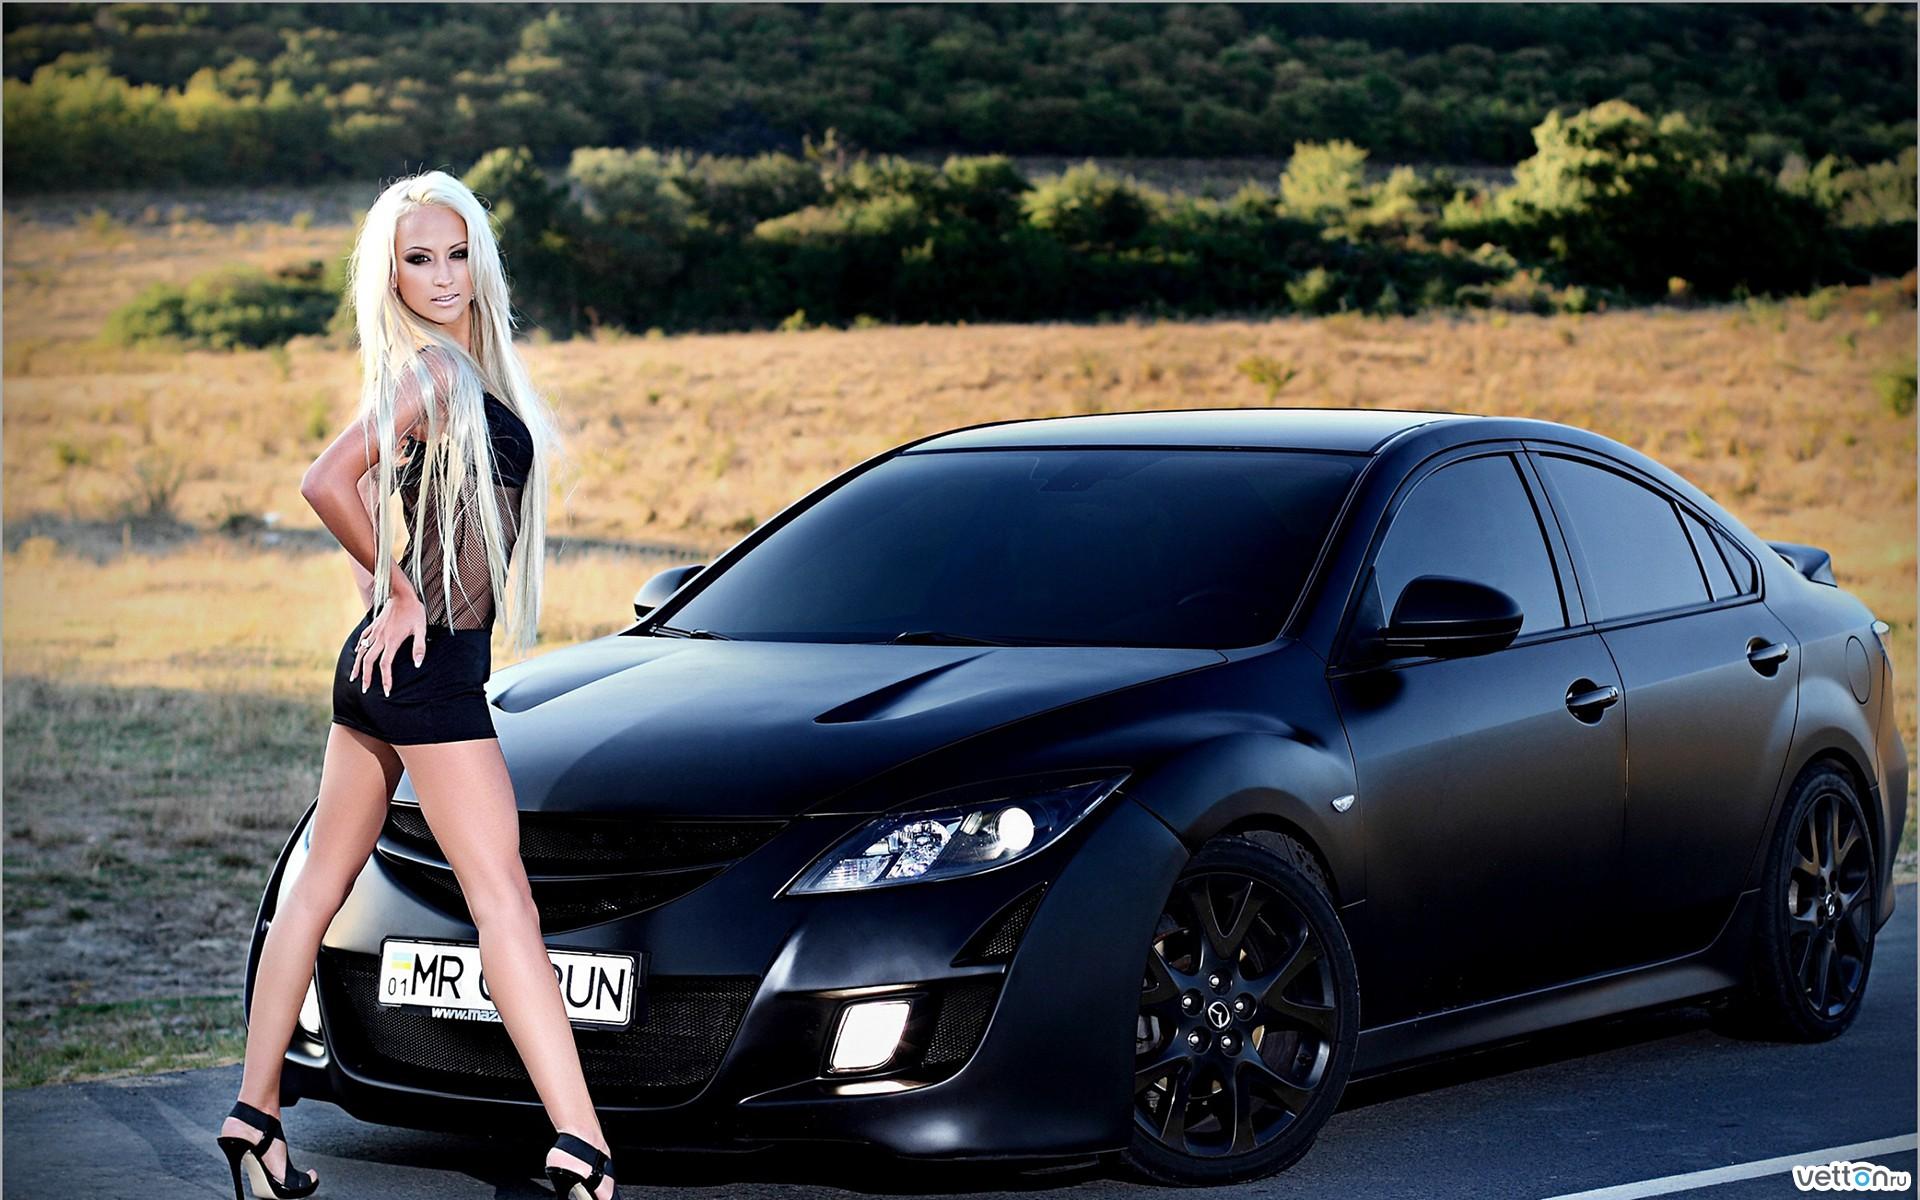 Фото девушки и автомобили 22 фотография